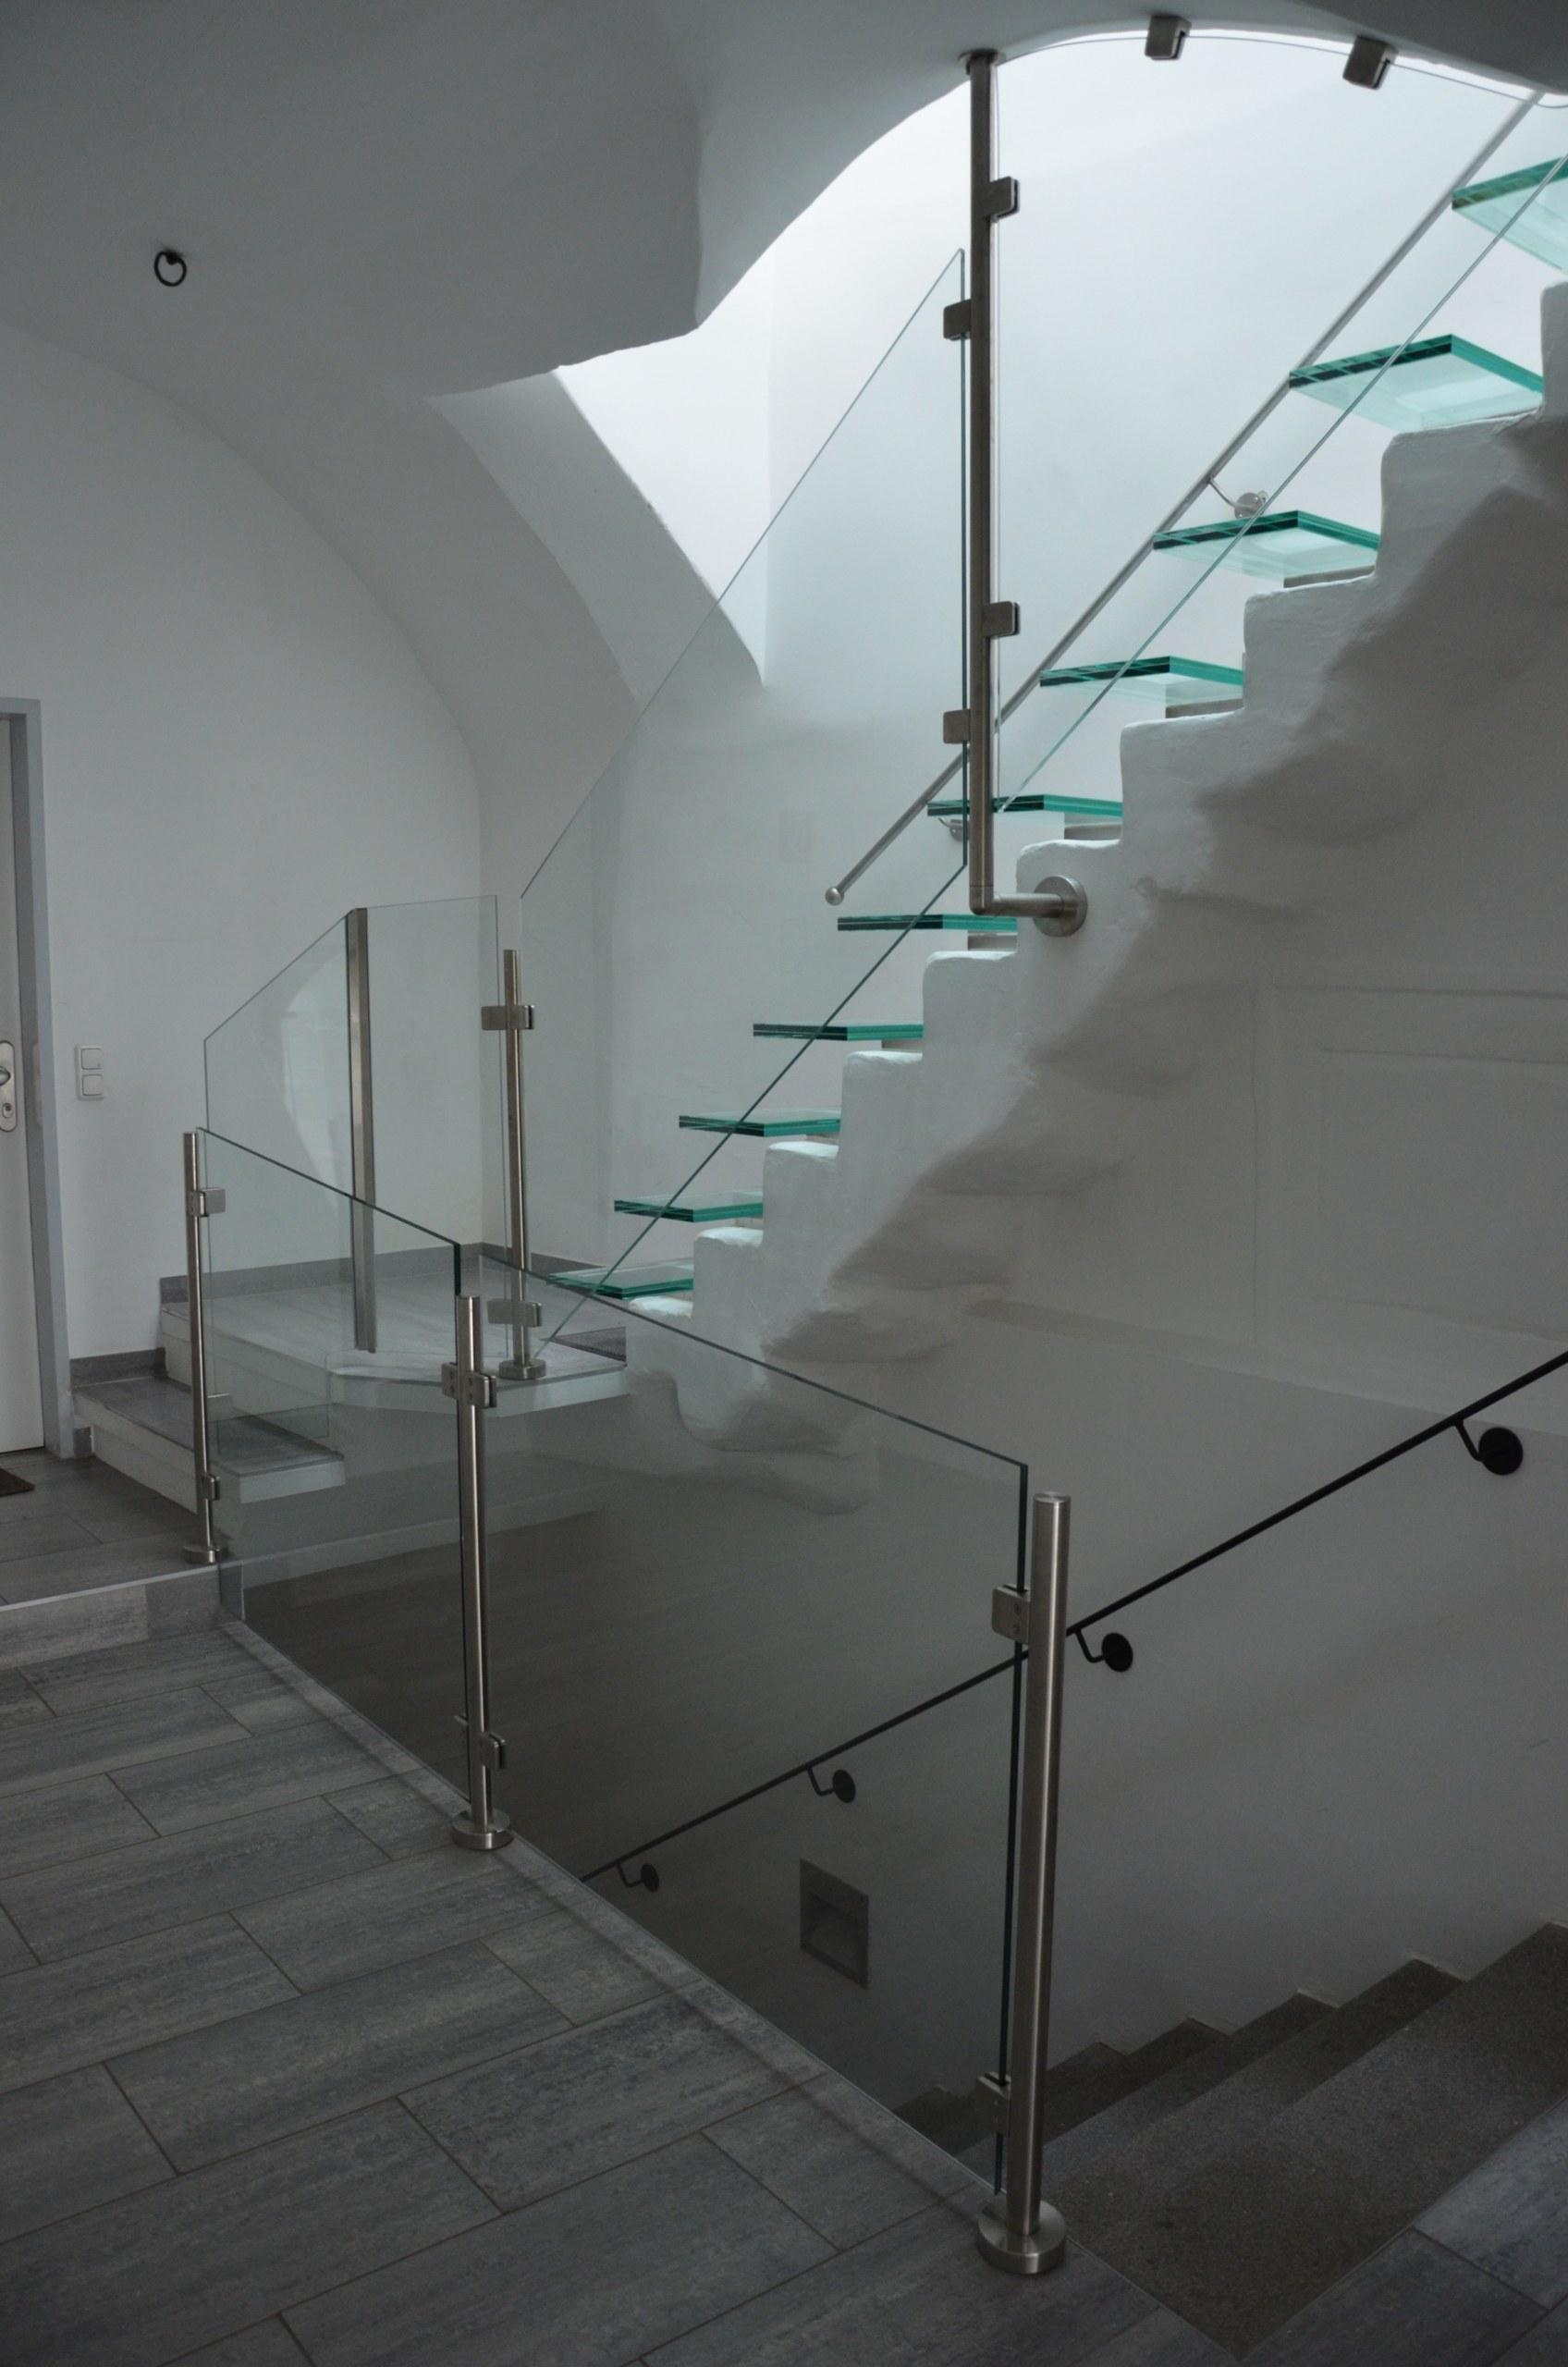 Geländer mit Nirosäulen und Glasstufen